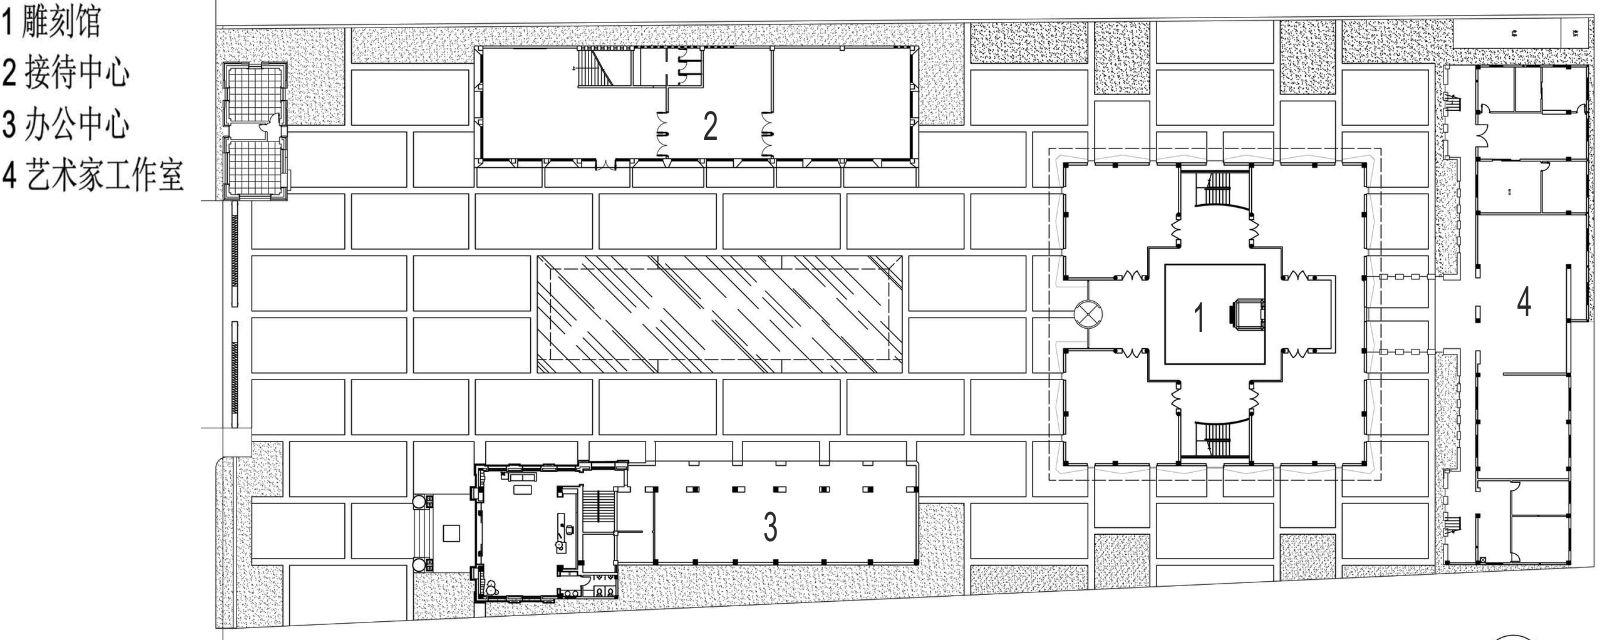 22-Dingli-Art-Museum-by-ATR-Atelier